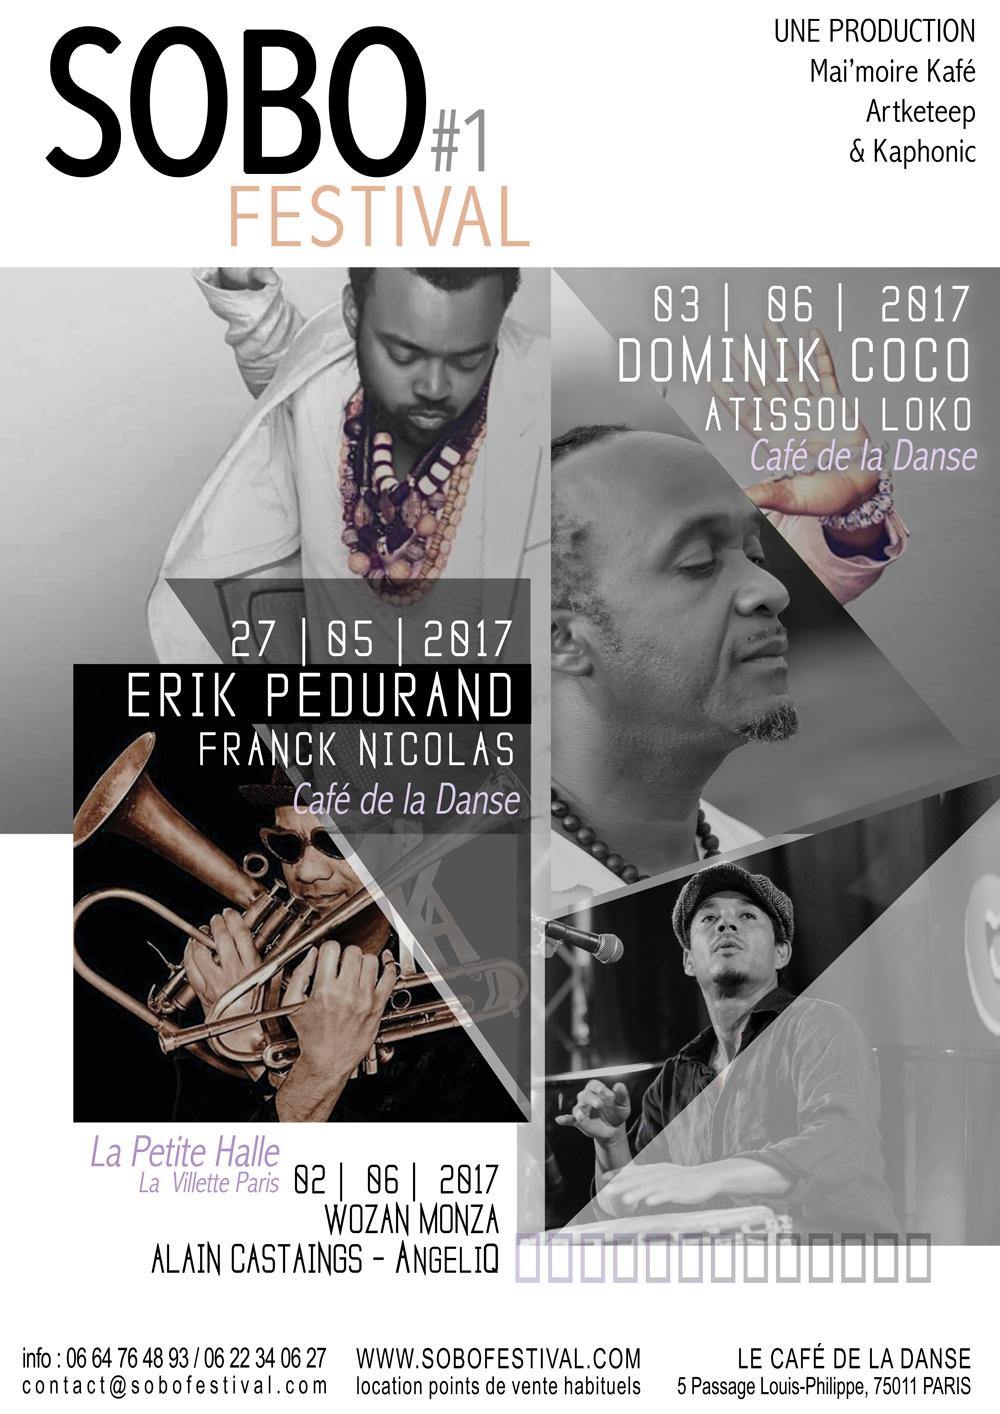 sobo festival musiques afro-caribéennes